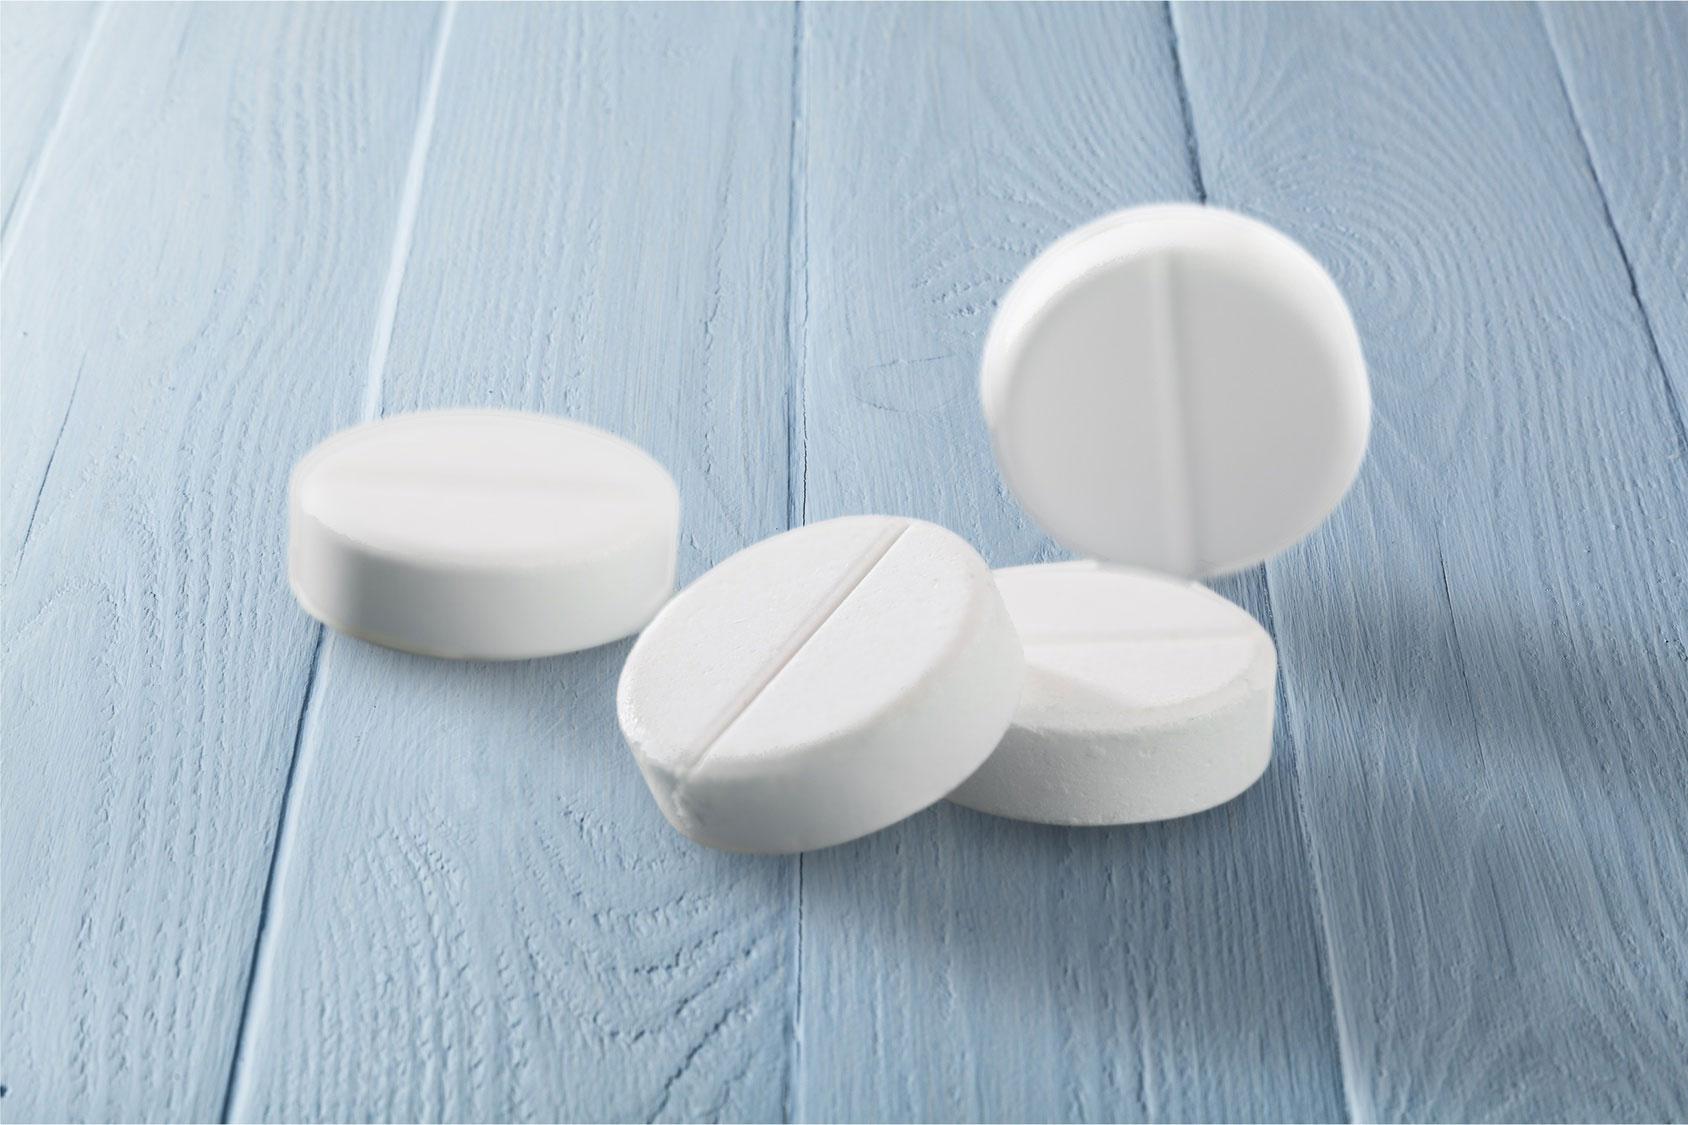 Κορωνοϊός: Η ασπριρίνη προστατεύει τους πνεύμονες και μειώνει κατά 47% τον κίνδυνο θανάτου